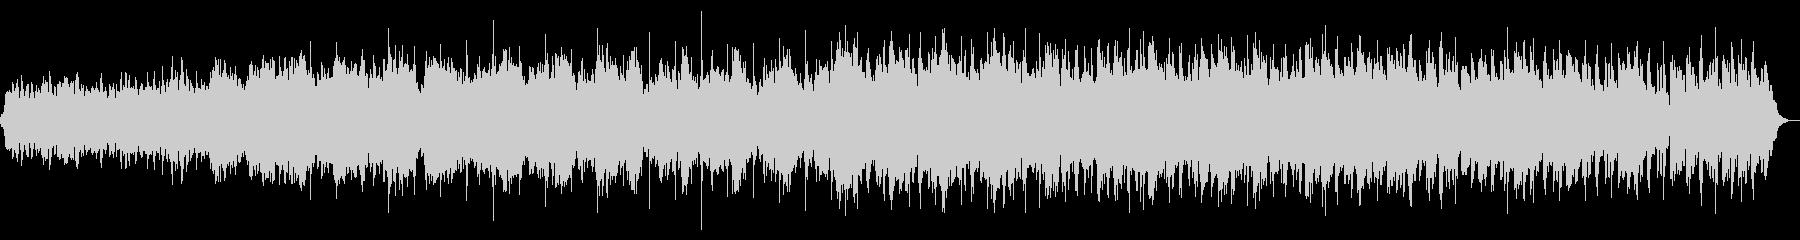 和のテイストを含むヒーリングサウンドの未再生の波形